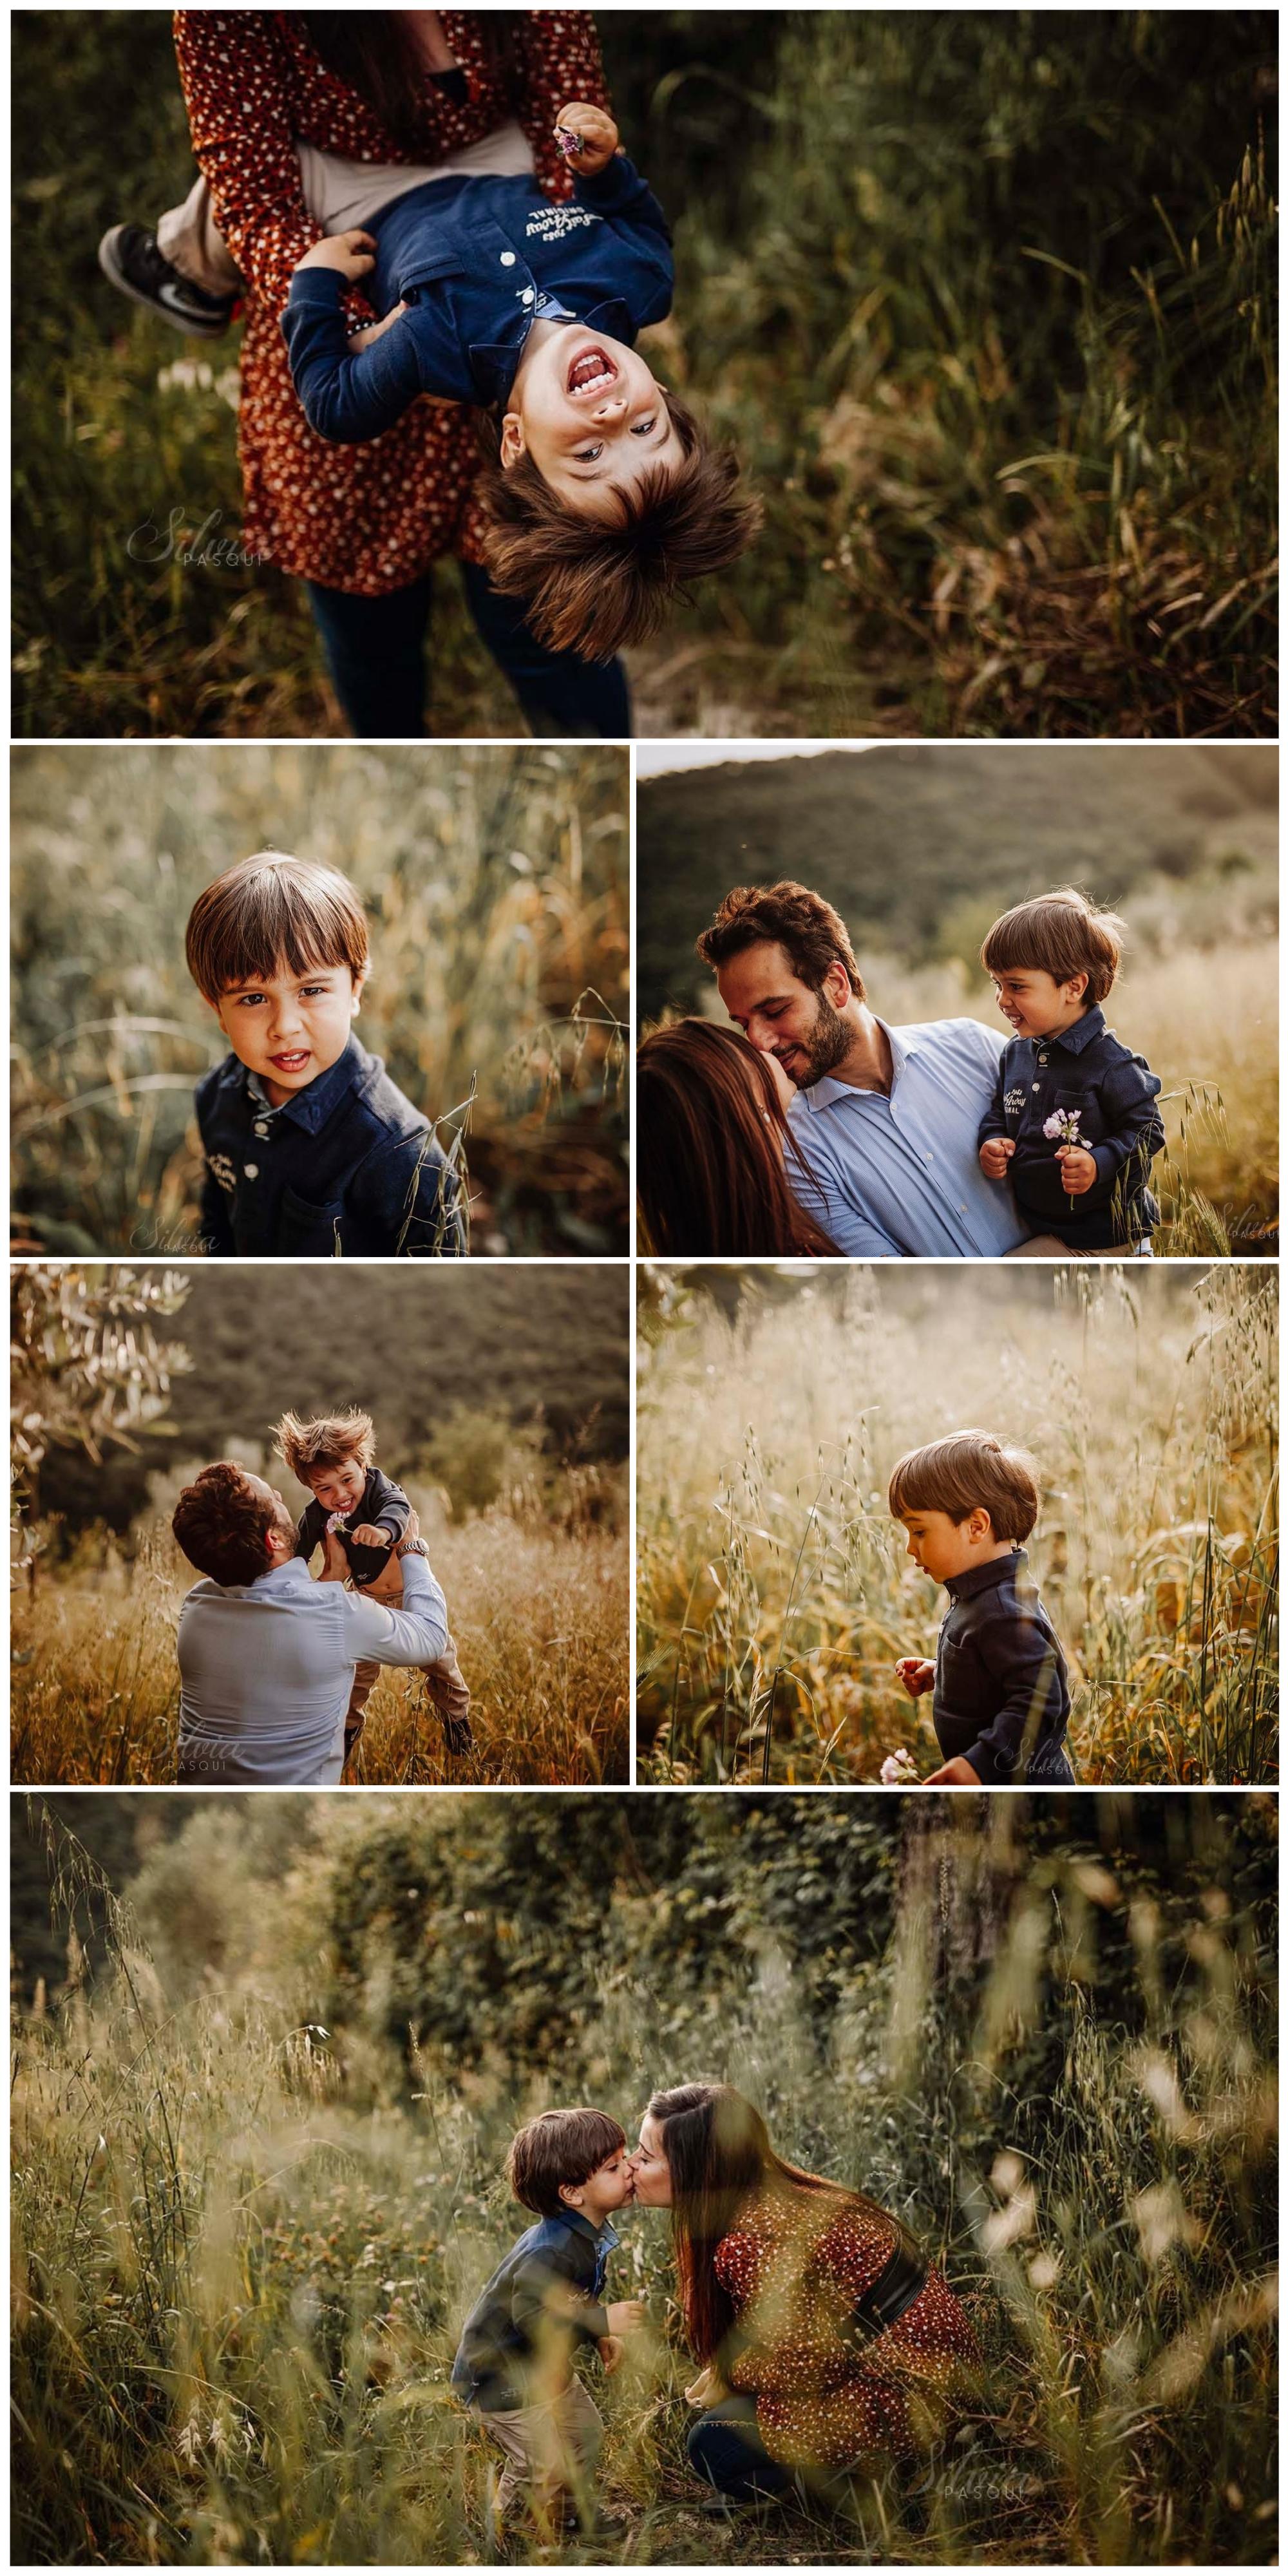 servizio fotografico famiglia esterno